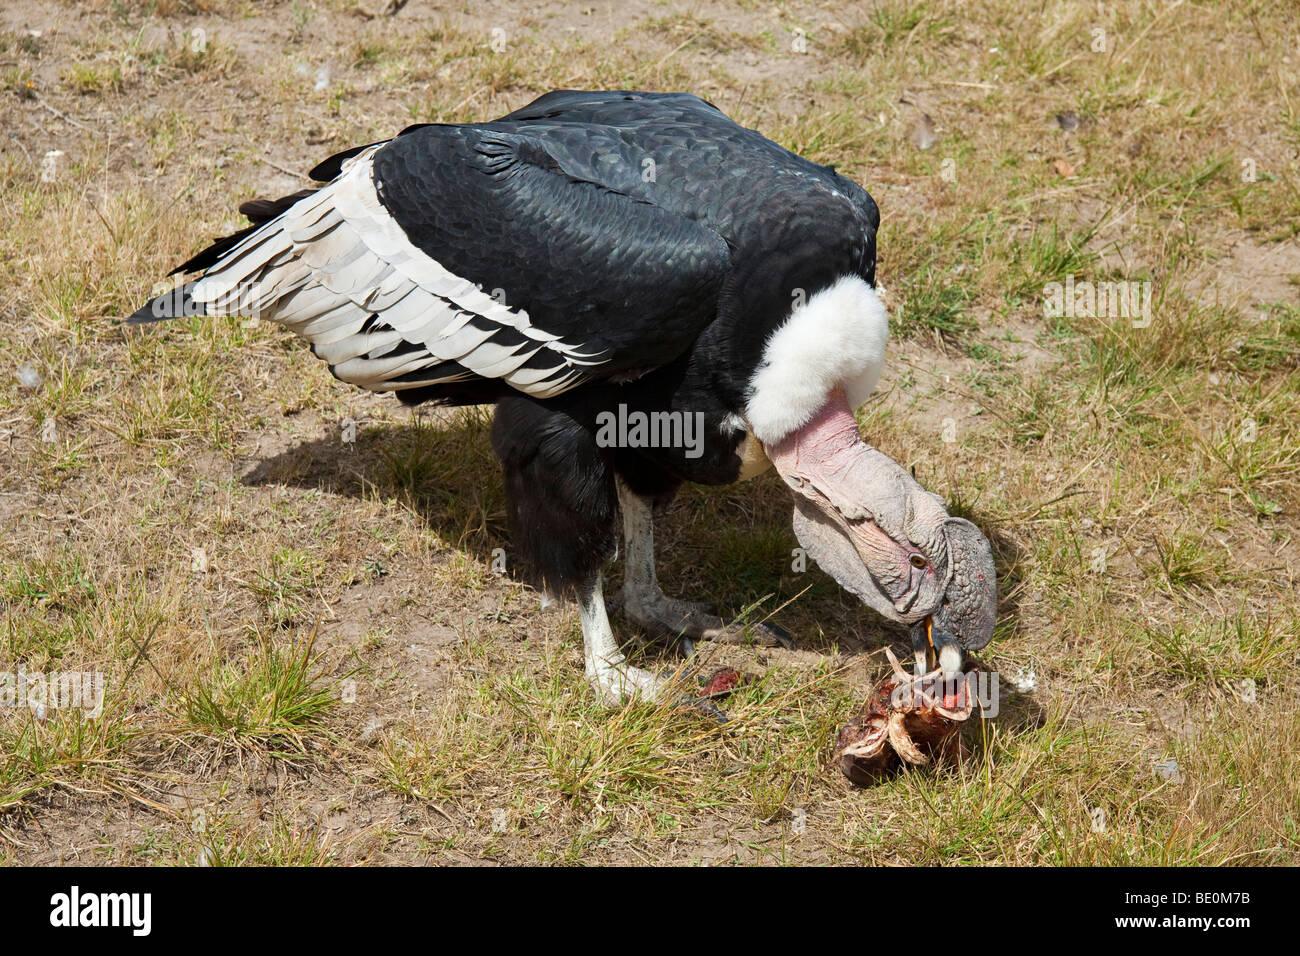 An Andean Condor, Vultur gryphus, Otavalo, Ecuador, South America. - Stock Image